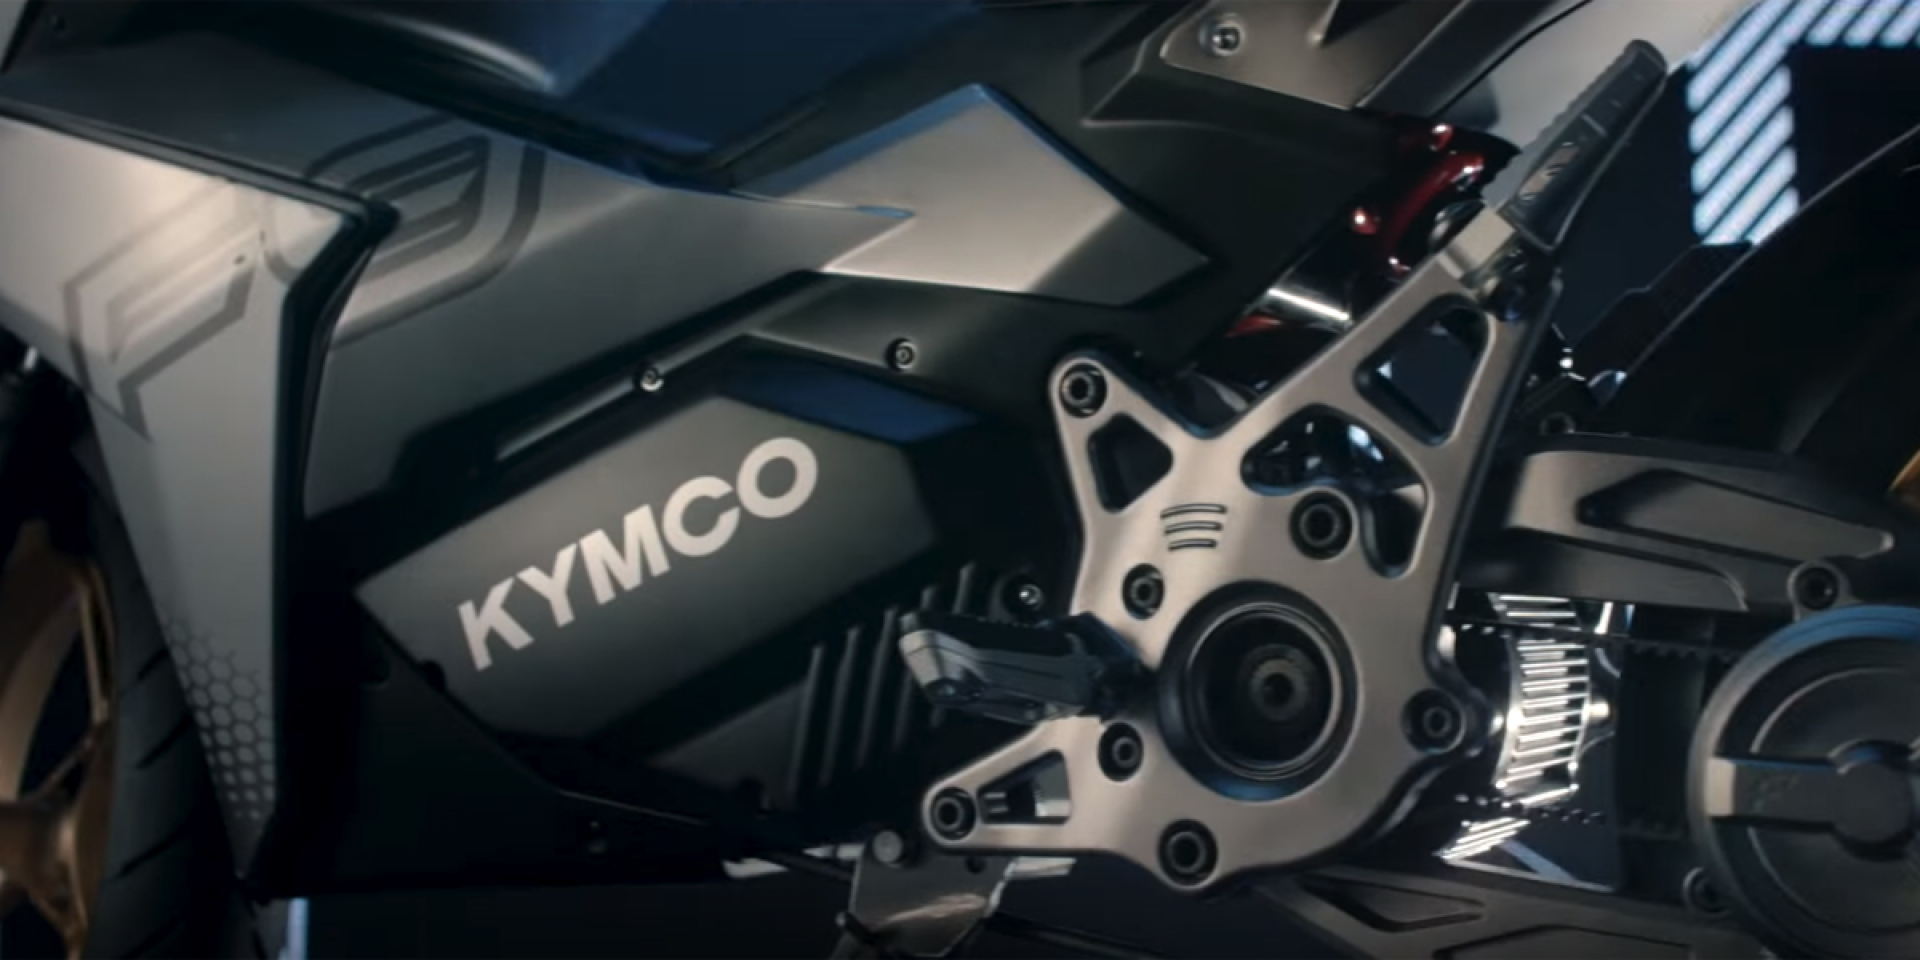 龍骨車架、皮帶傳動、雙電池、12吋胎。KYMCO「全新電動車」預告現身!